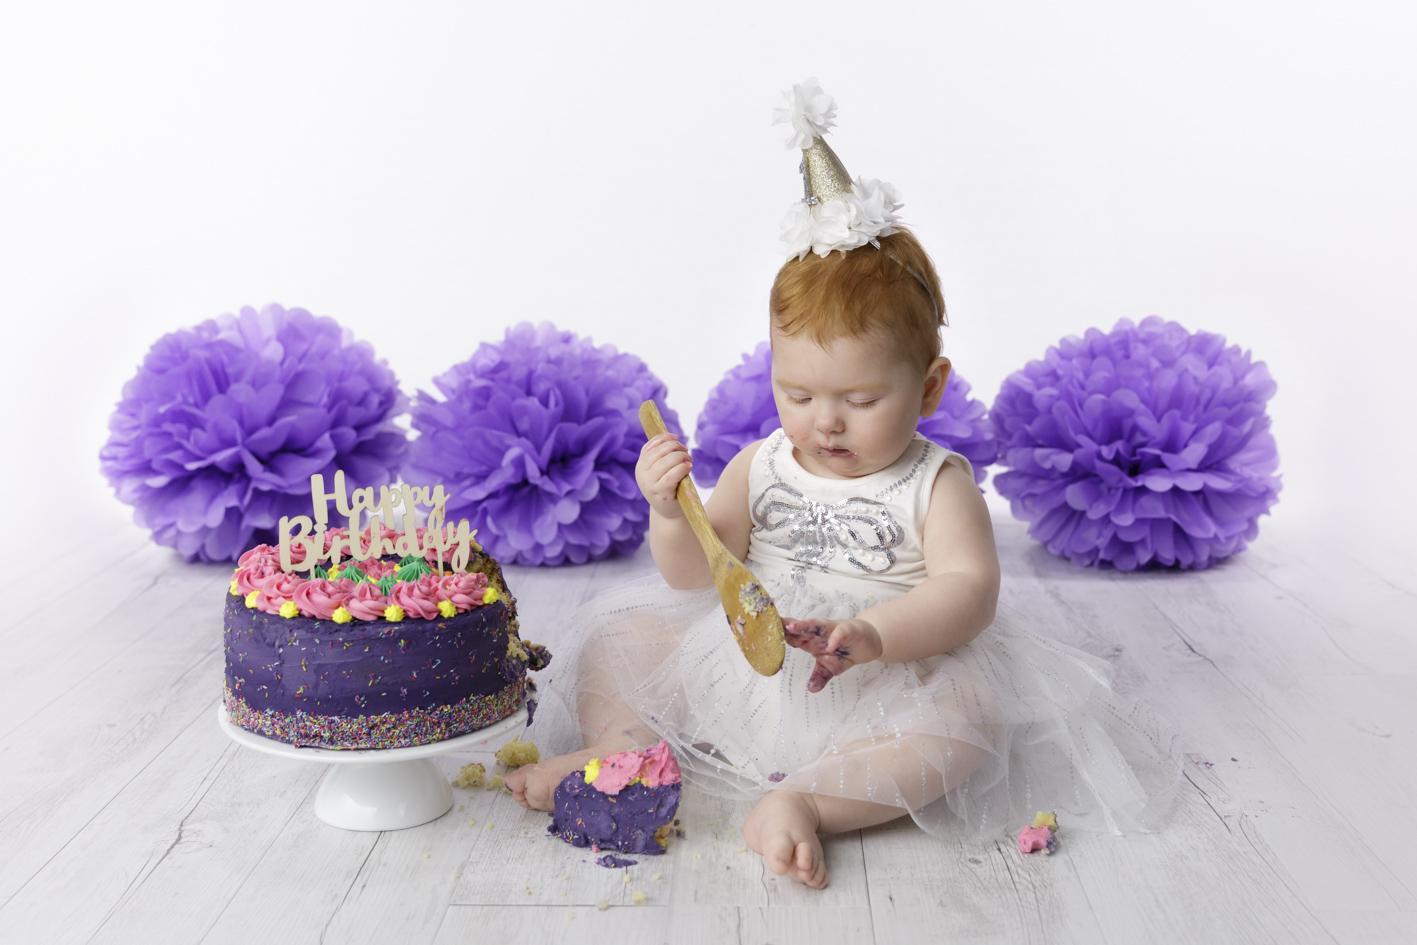 1 year old cake smash